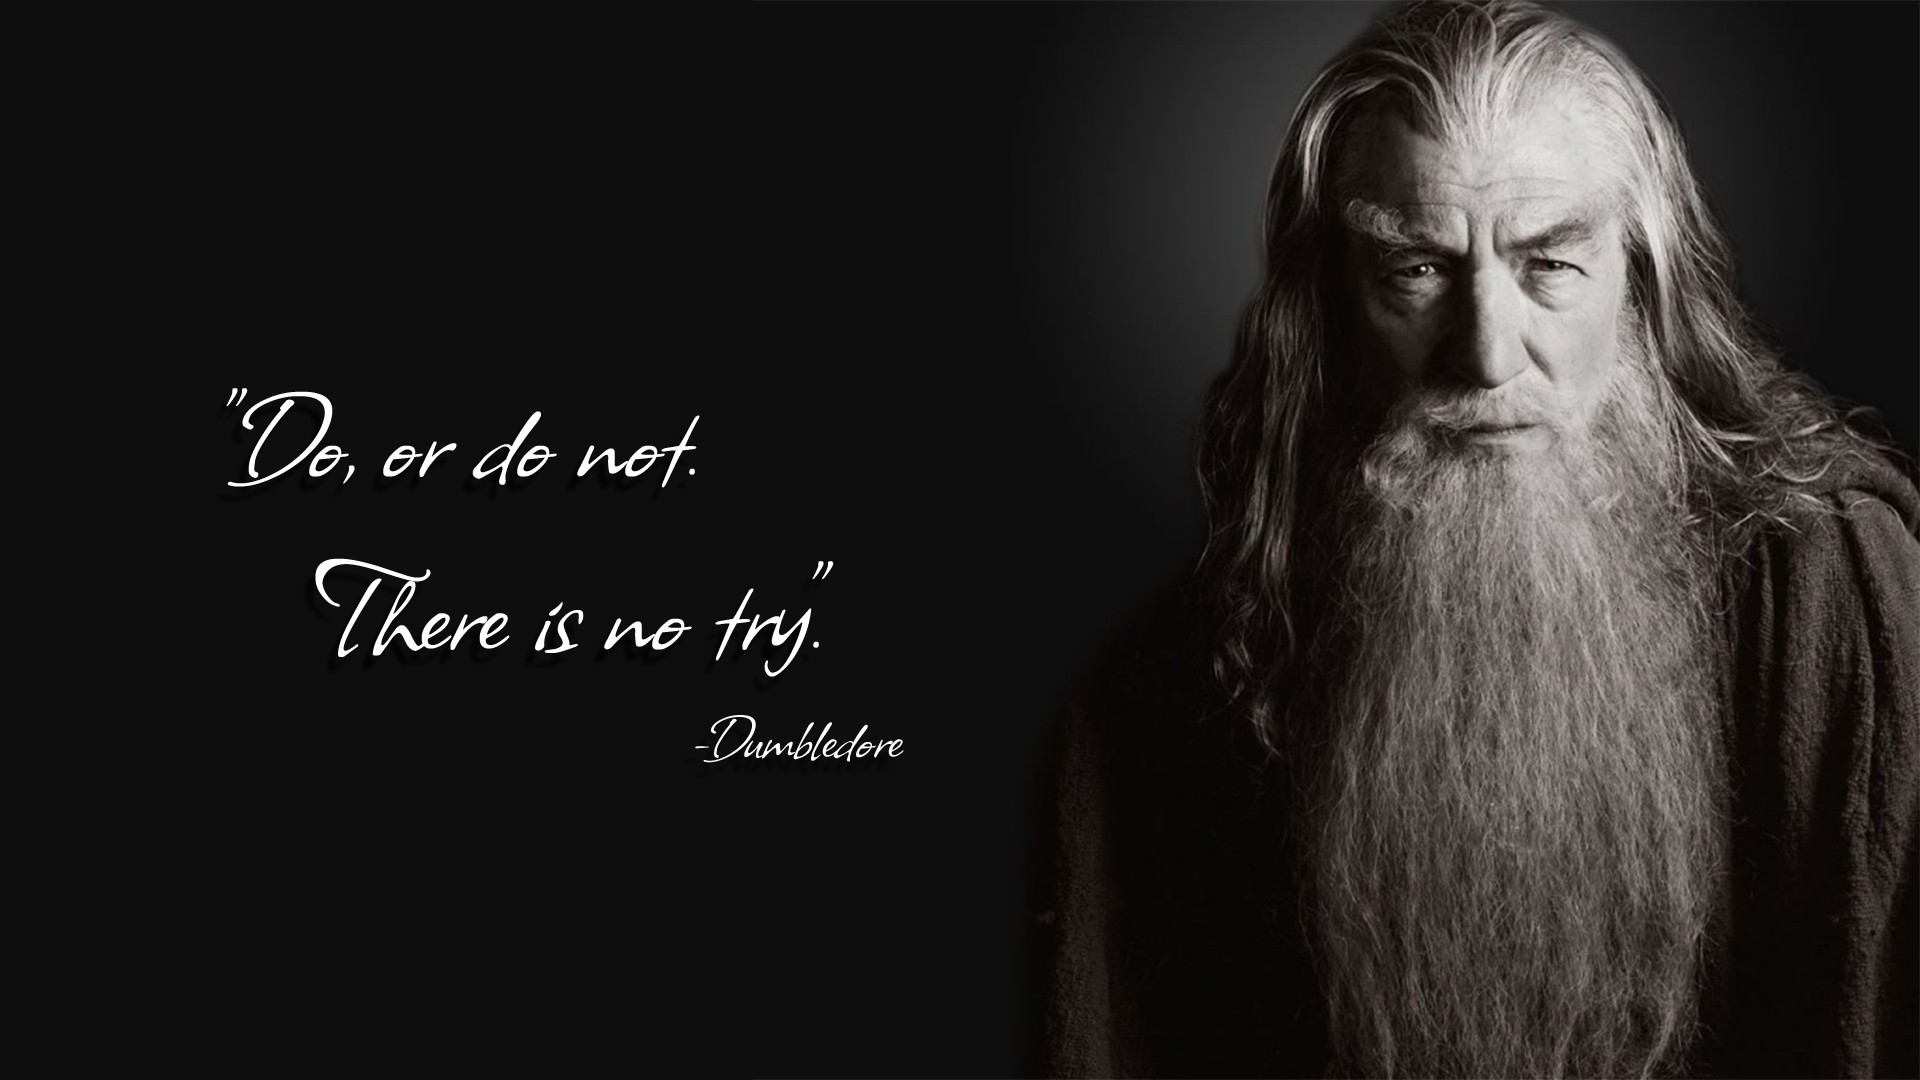 Extreme quote #2